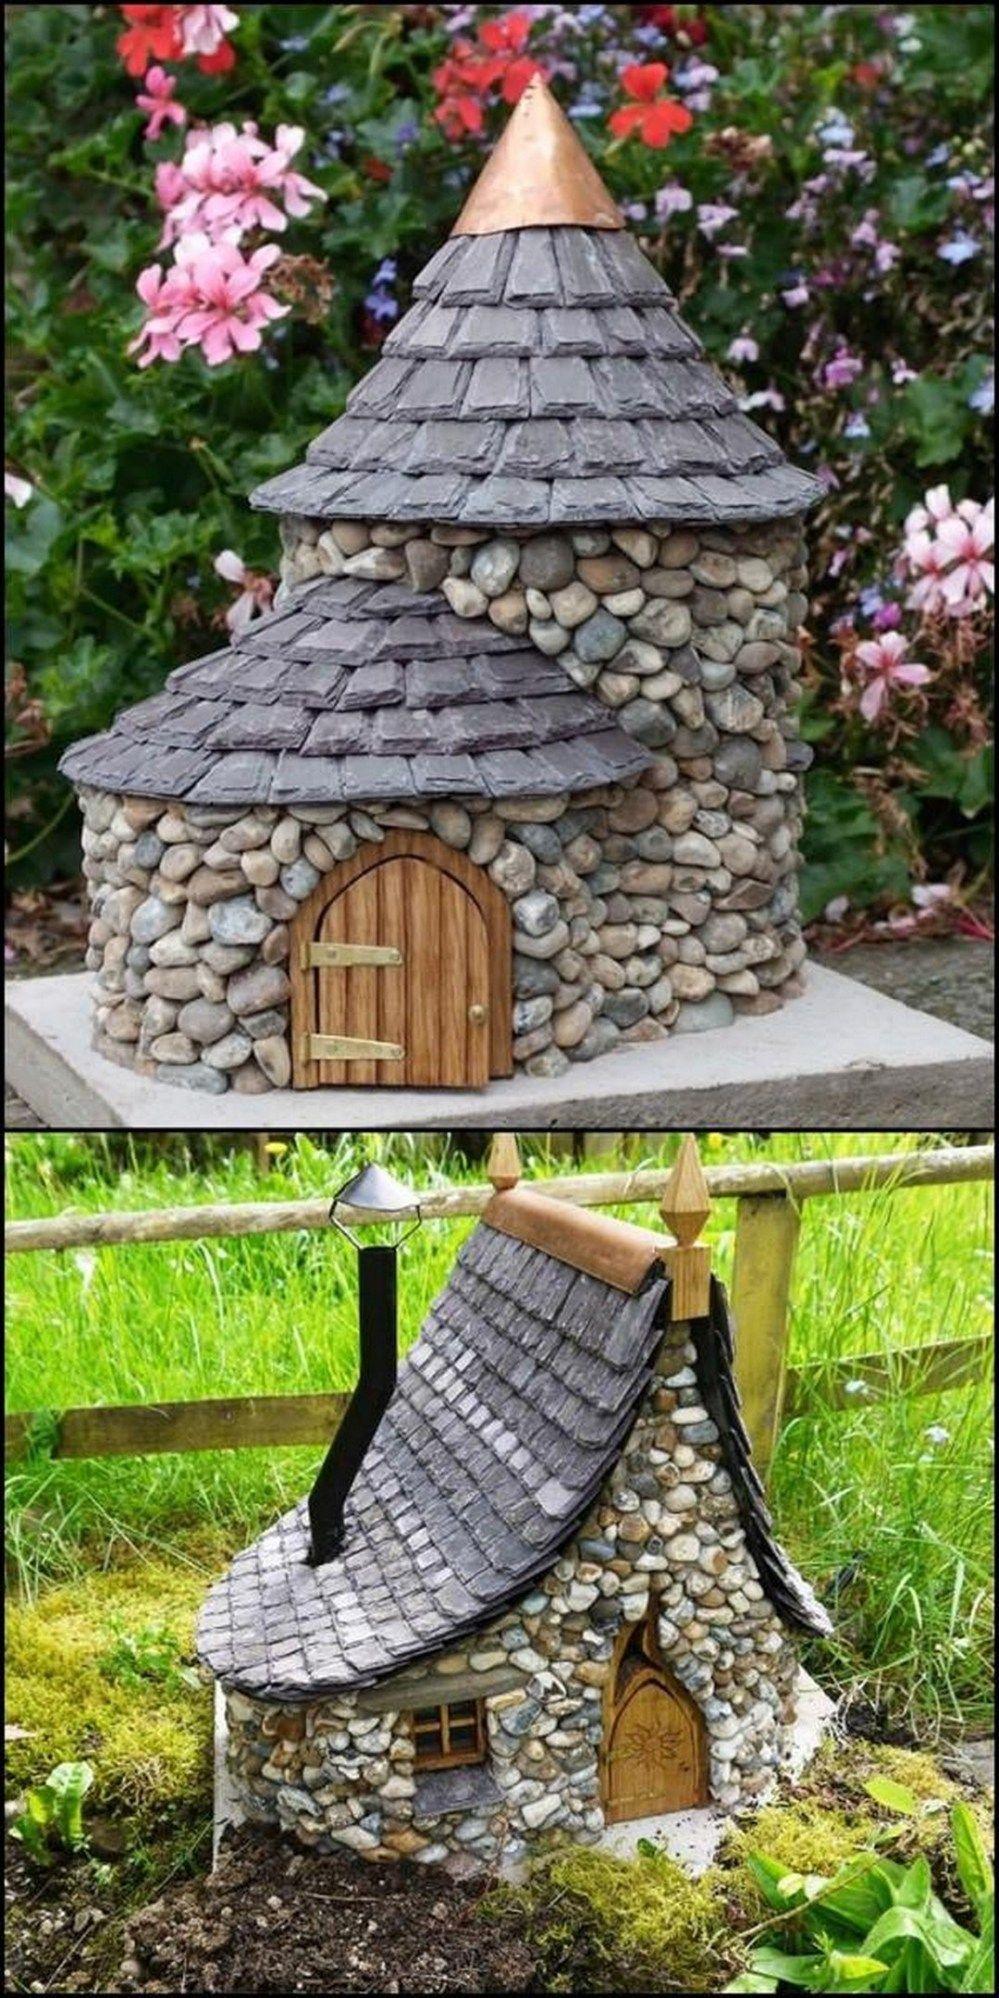 20 Best Magical DIY Fairy Garden Ideas (19 - Fairy garden diy, Vintage garden decor, Fairy garden houses, Miniature fairy gardens, Fairy house diy, Fairy garden - 20 Best Magical DIY Fairy Garden Ideas (19)